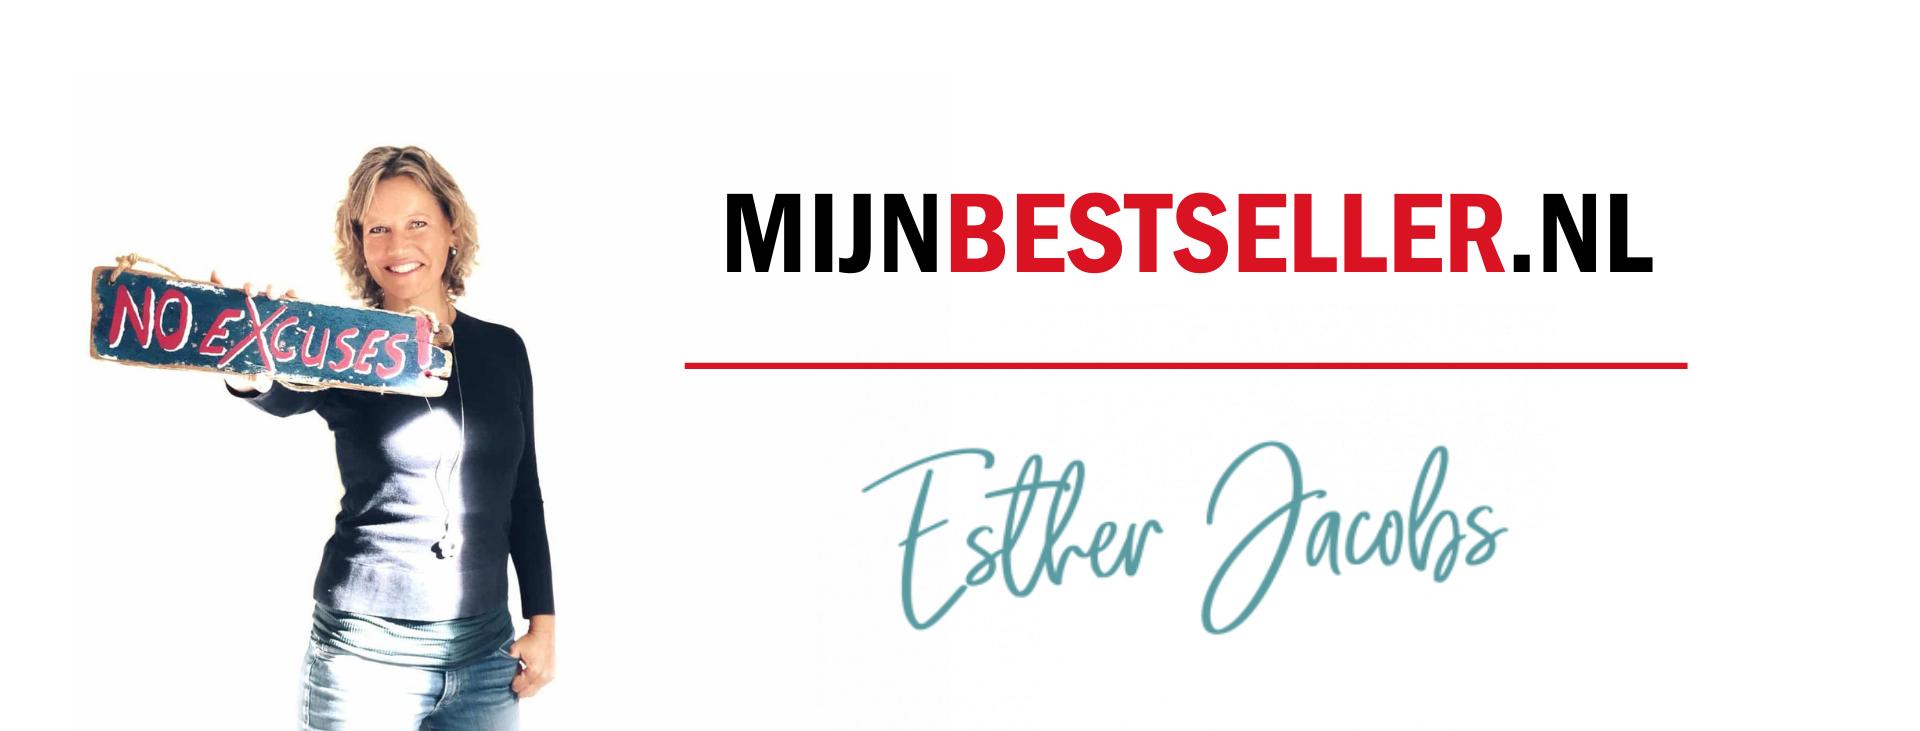 Esther Jacobs en Mijnbestseller.nl